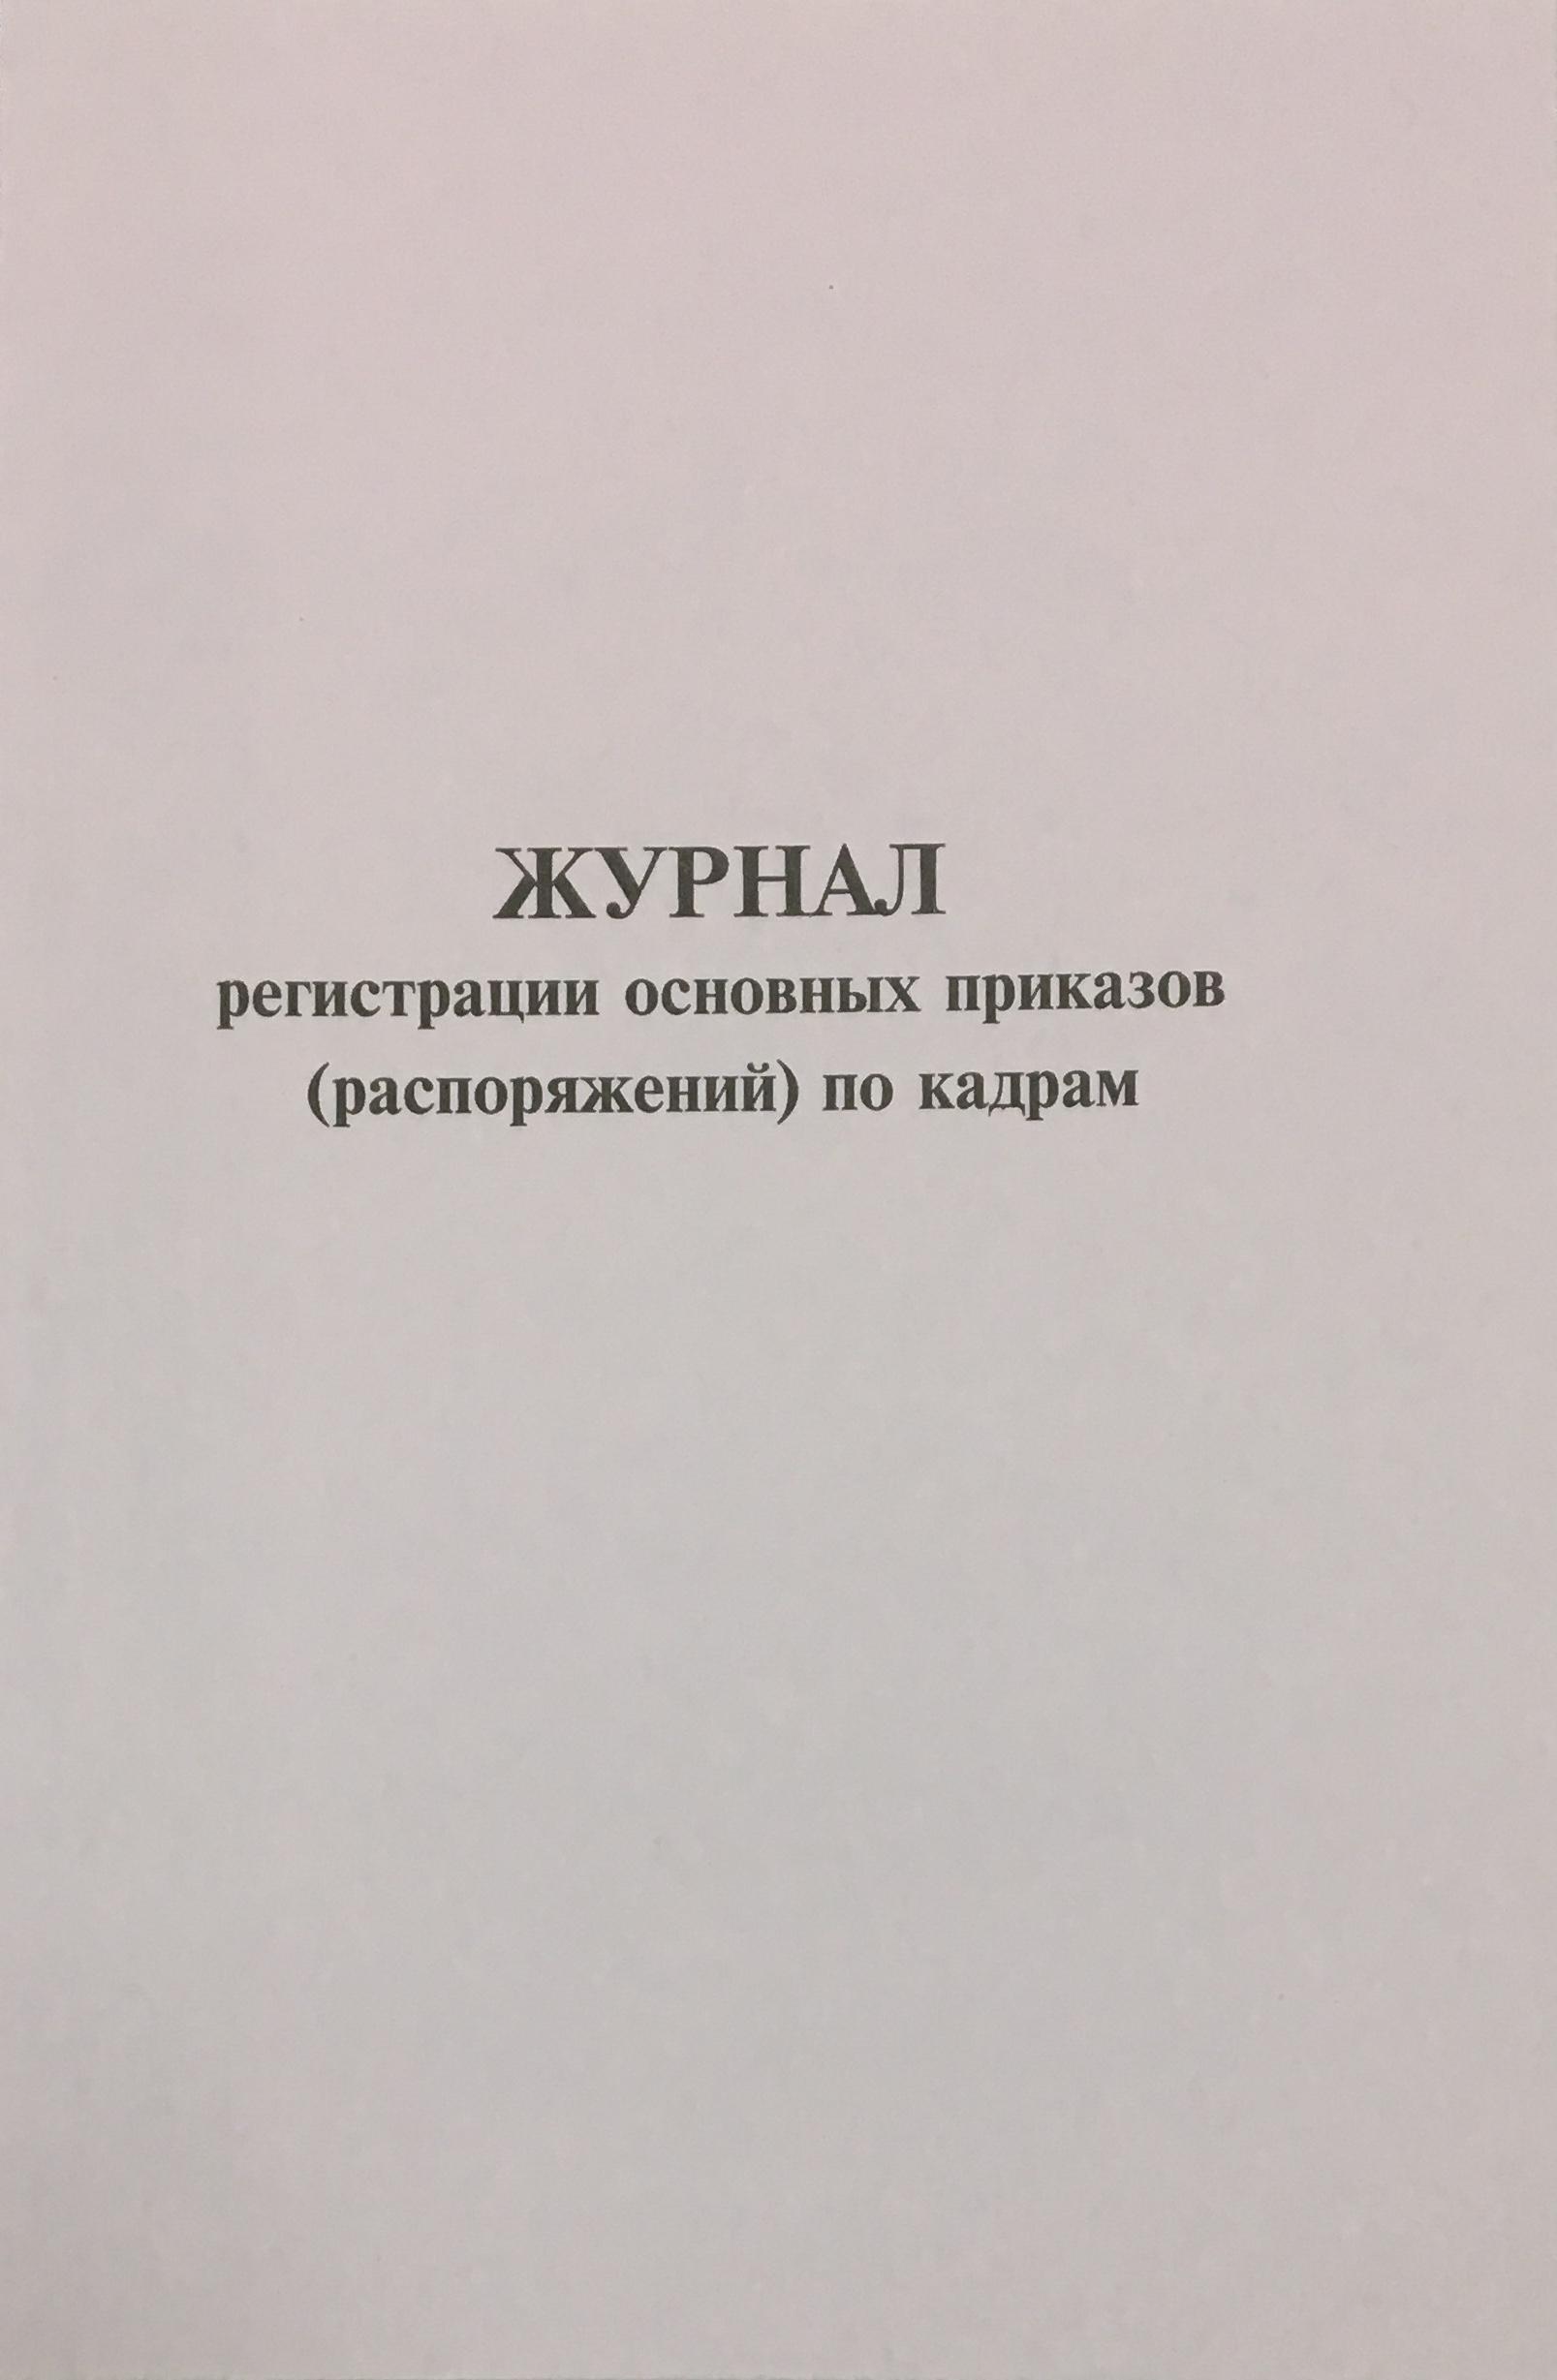 Журнал регистрации основных приказов (распоряжений) по кадрам